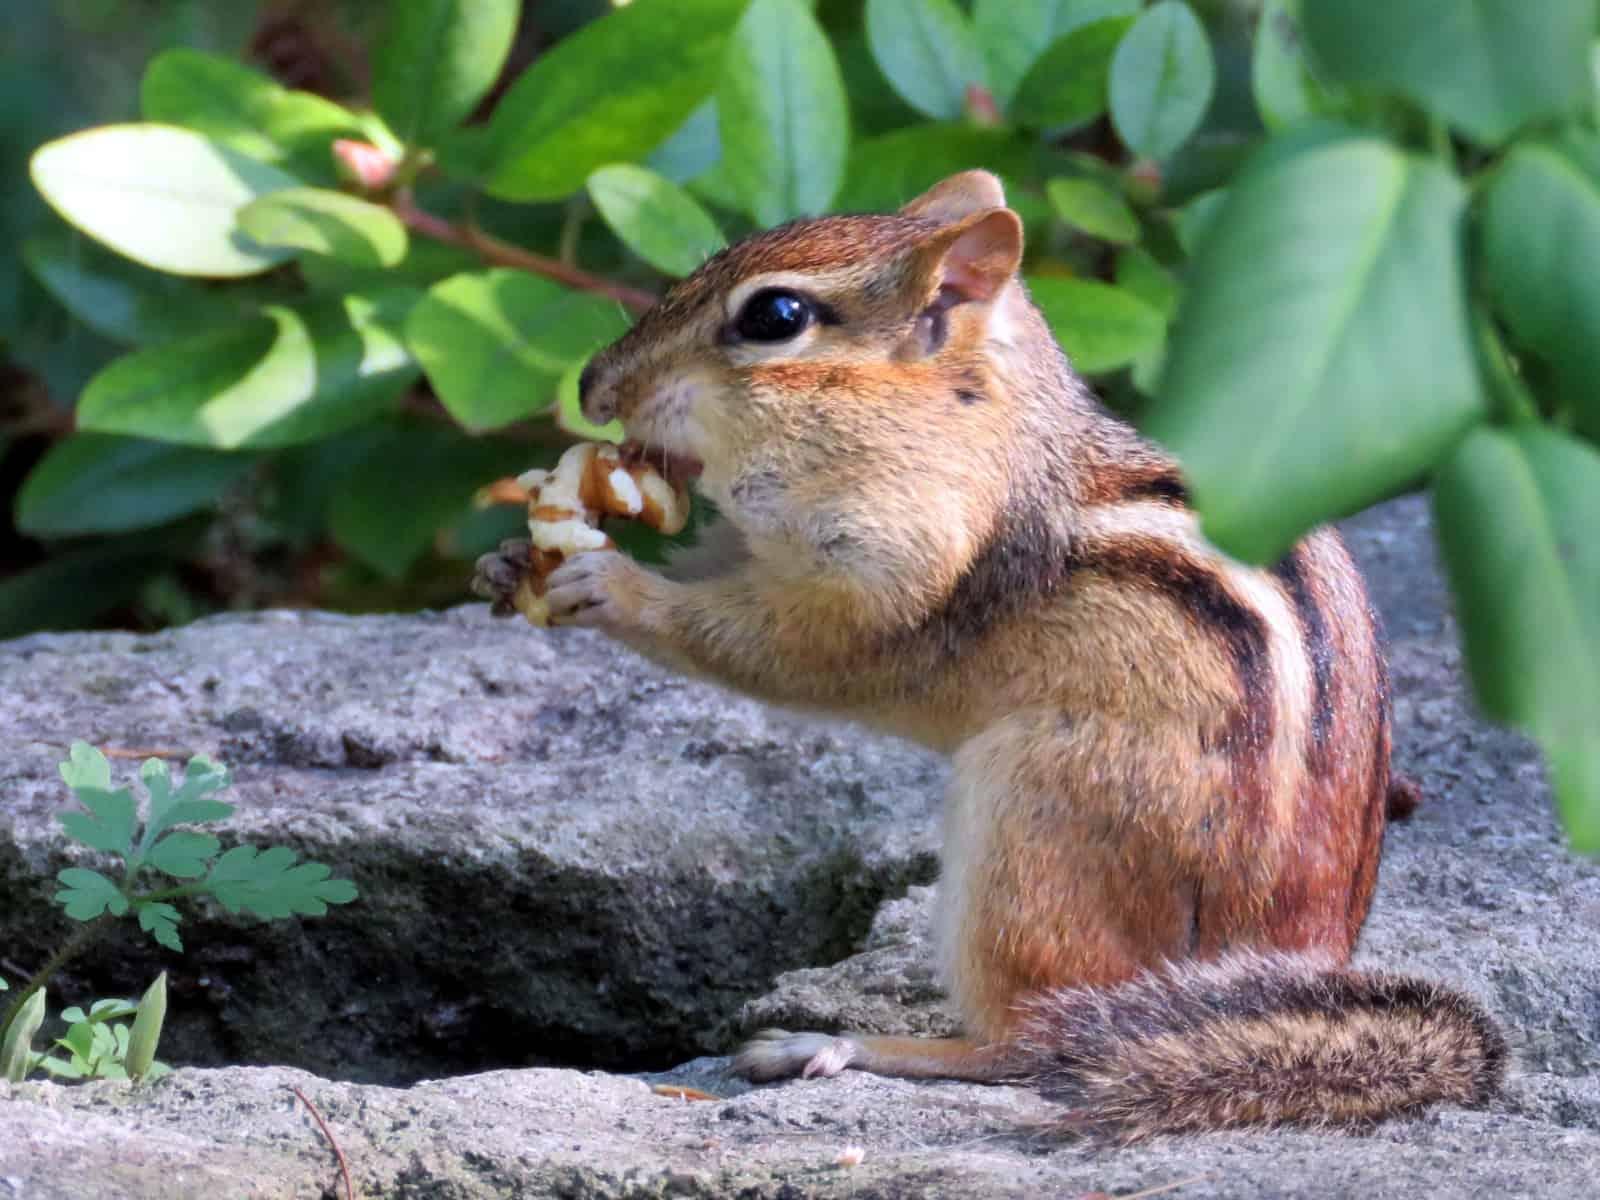 Die quirlligen Chipmunks trifft man überall im High Park in Toronto an. Foto emkaplin